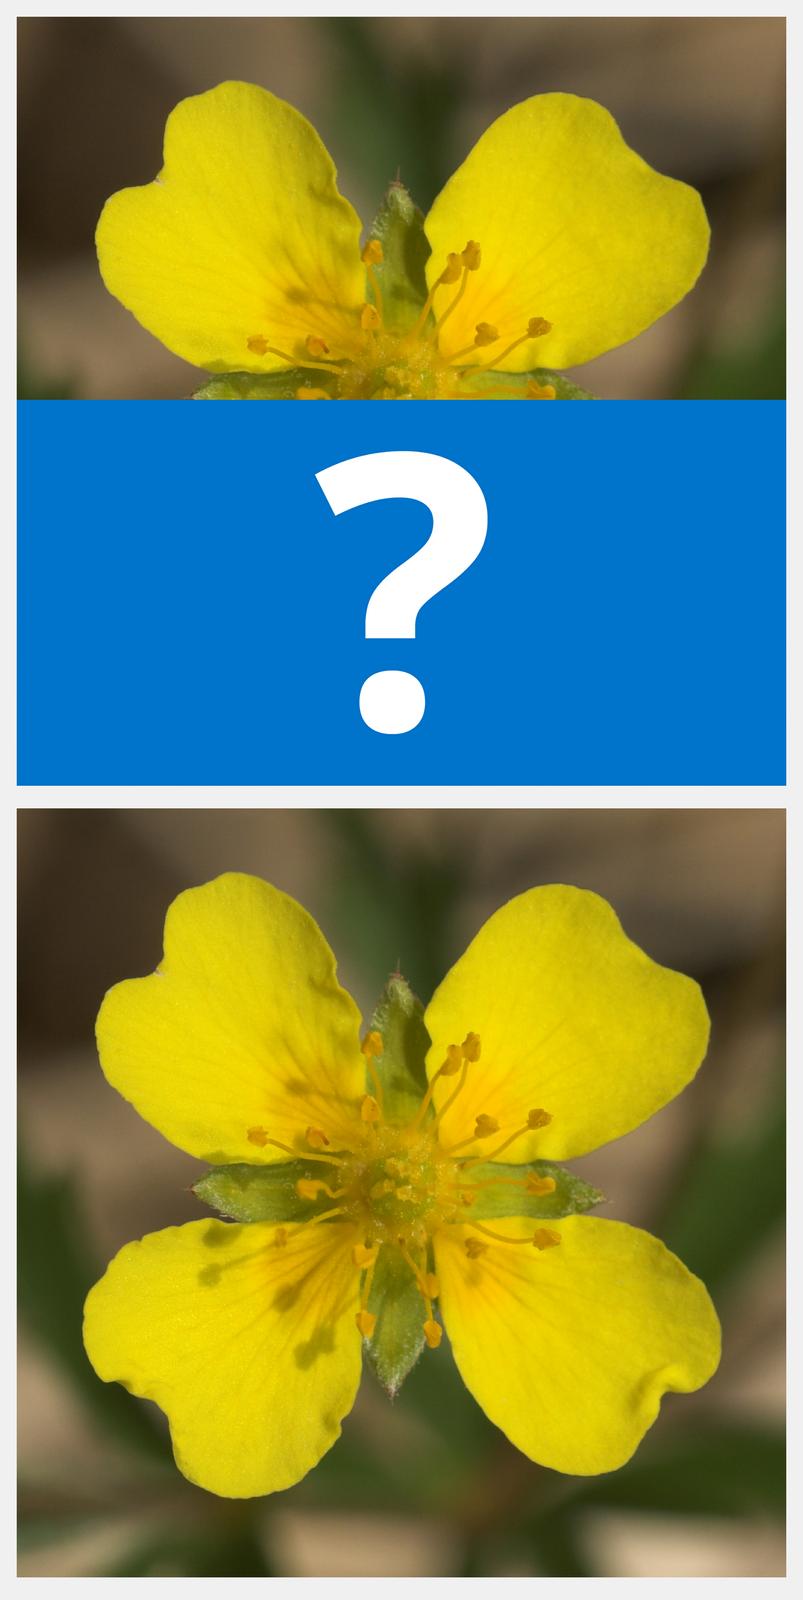 Ilustracja interaktywna jest podzielona na dwie części. Górna przedstawia dwa żółte płatki kwiatu, czyli jego połowę. Wśrodku wyrastają żółte pręciki. Tło jest rozmazane. Drugą część zajmuje niebieski prostokąt ze znakiem zapytania. Po odwróceniu ilustracji ukazany jest cały kwiat osymetrycznym układzie płatków itych samych cechach.